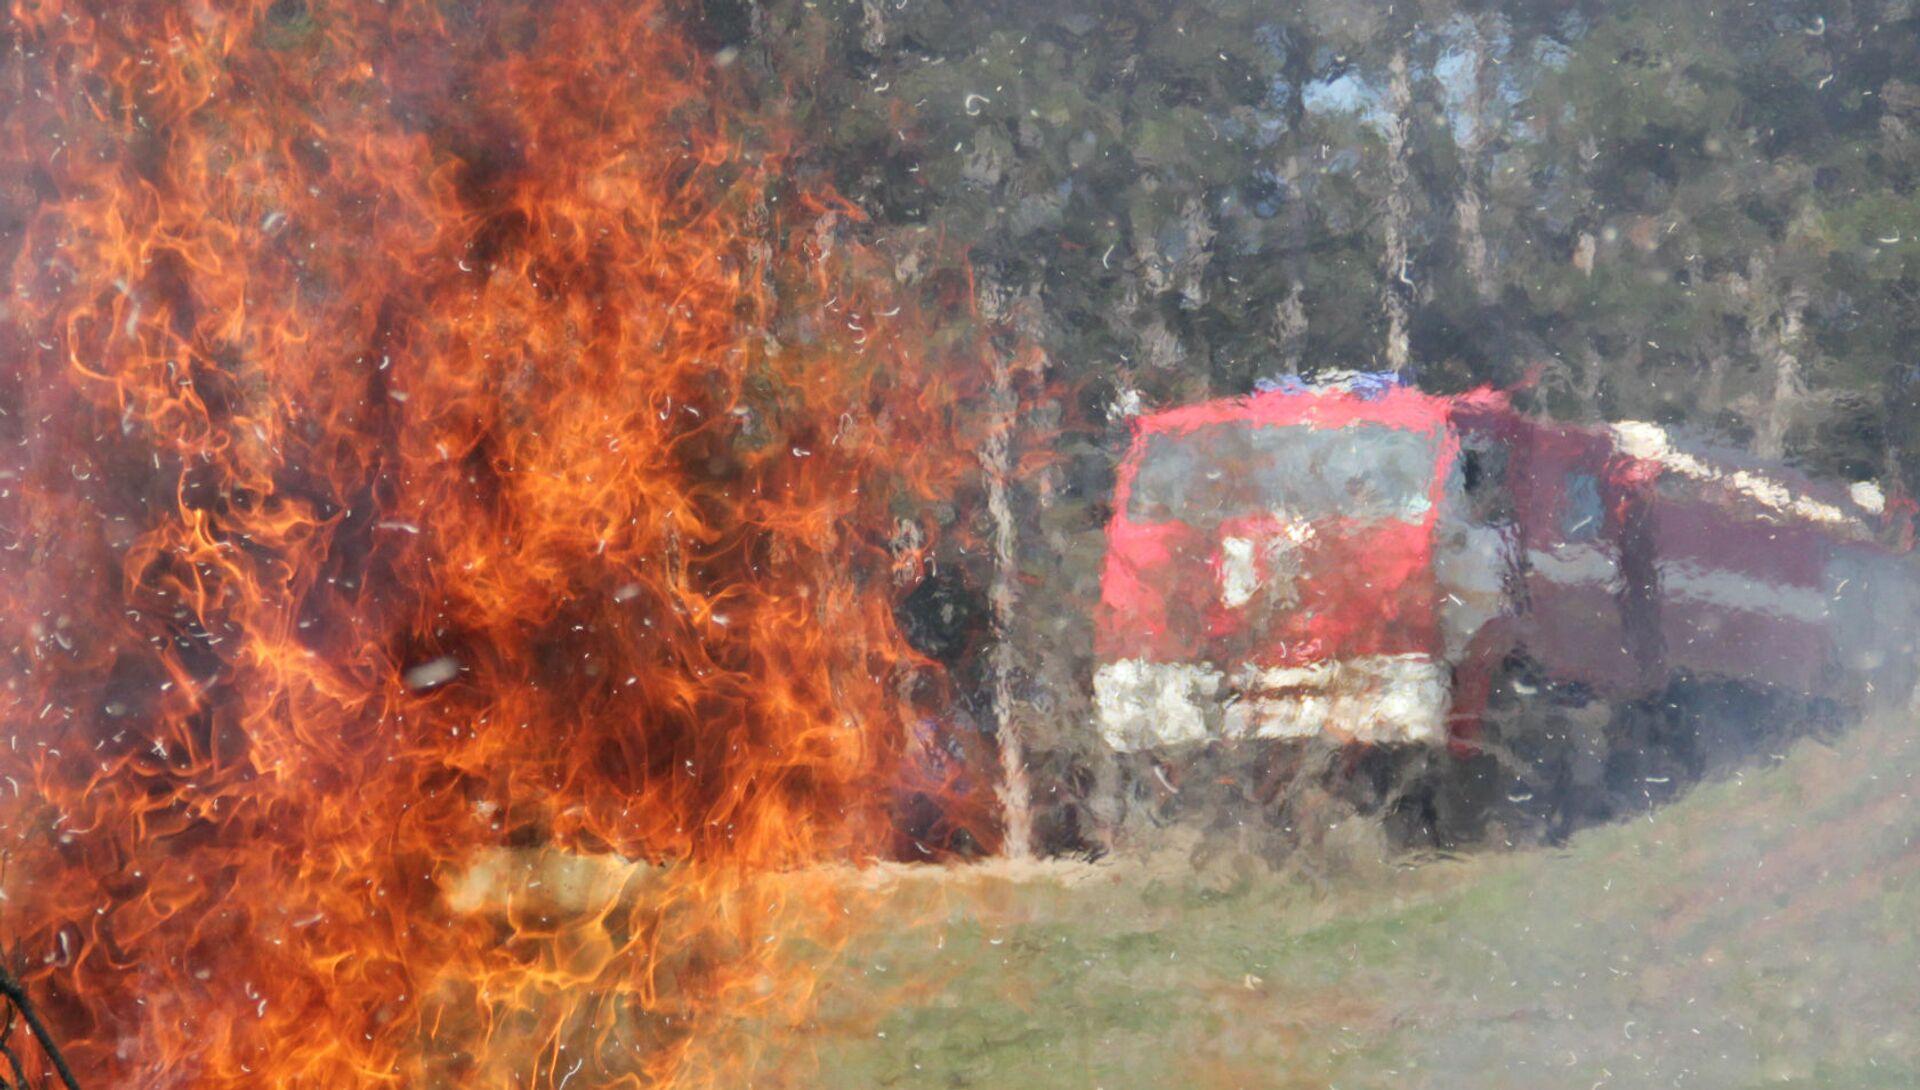 В Крыму прошли учения МЧС по тушению лесных пожаров - РИА Новости, 1920, 01.08.2021